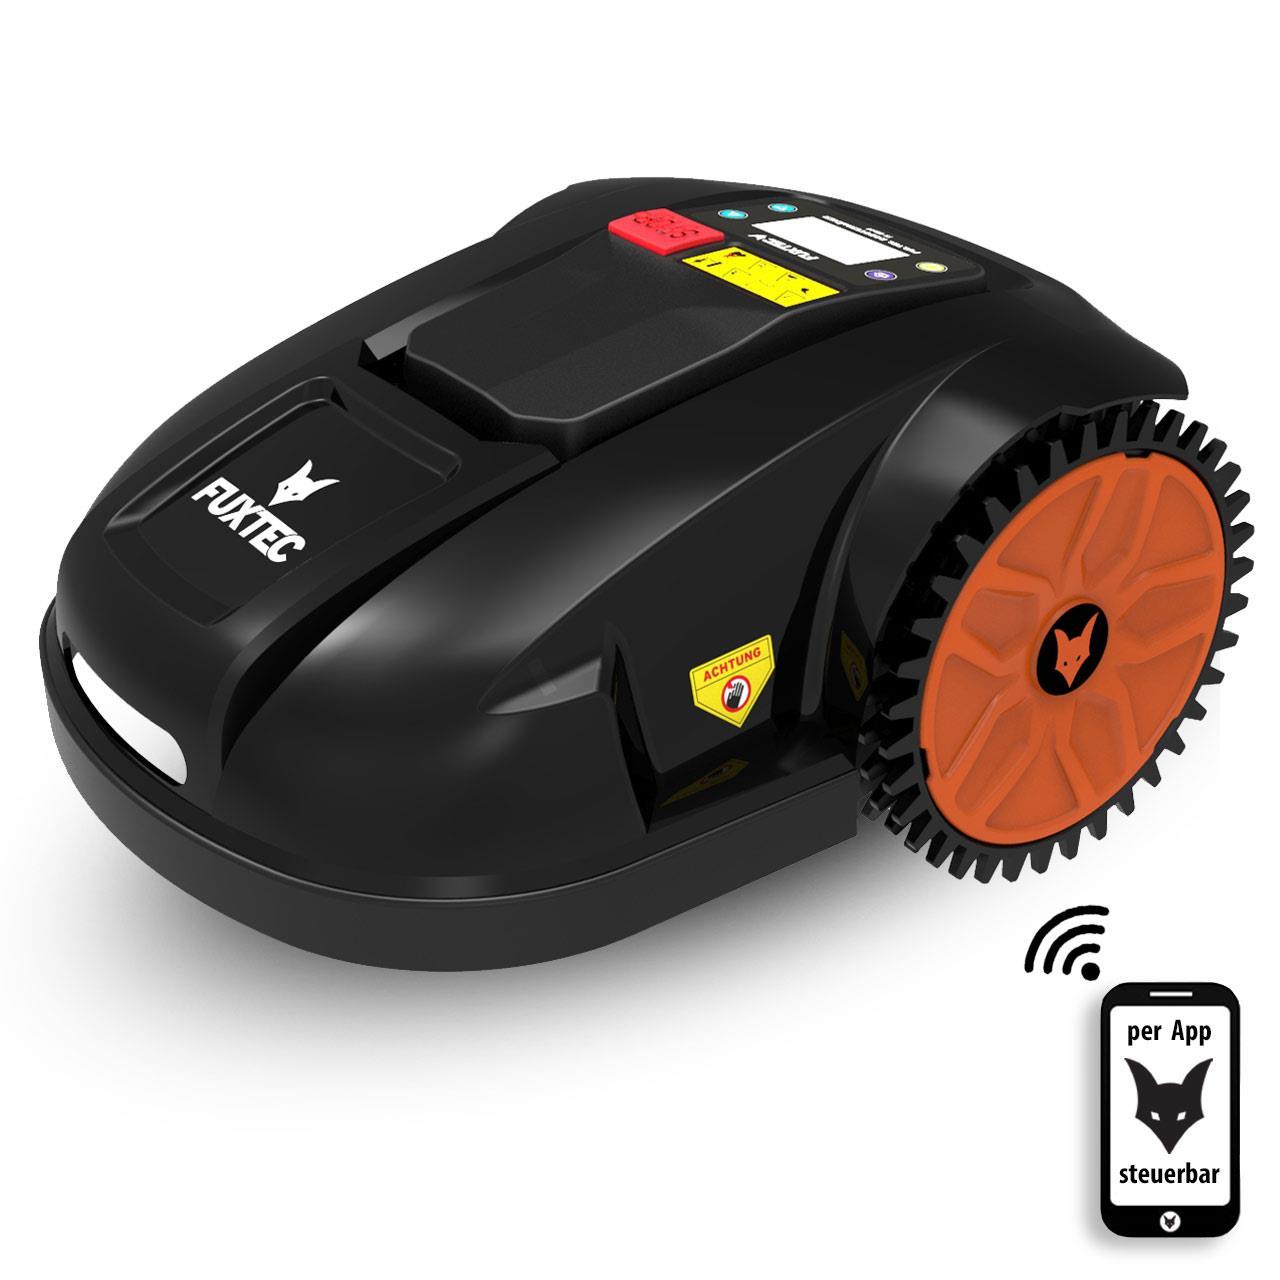 Mähroboter Robotermäher FX-RB144